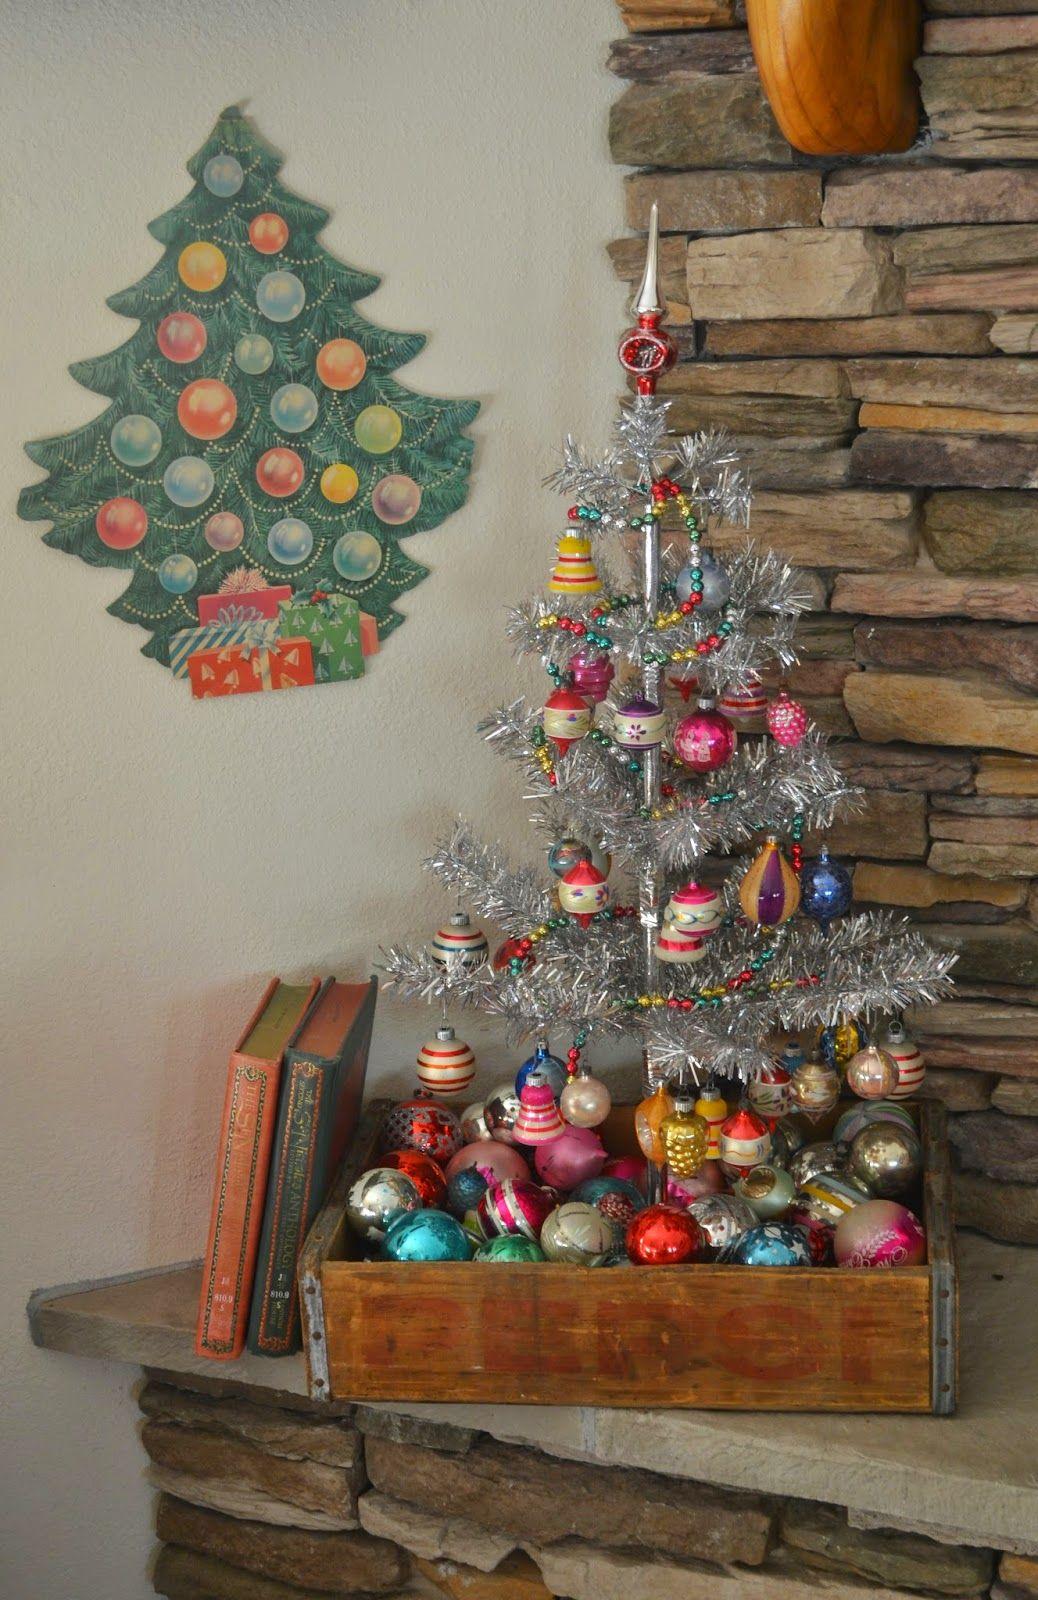 A Little Bit Rustic A Little Bit Vintage Vintage Christmas Tree Decorations Vintage Christmas Balls Vintage Christmas Decorations